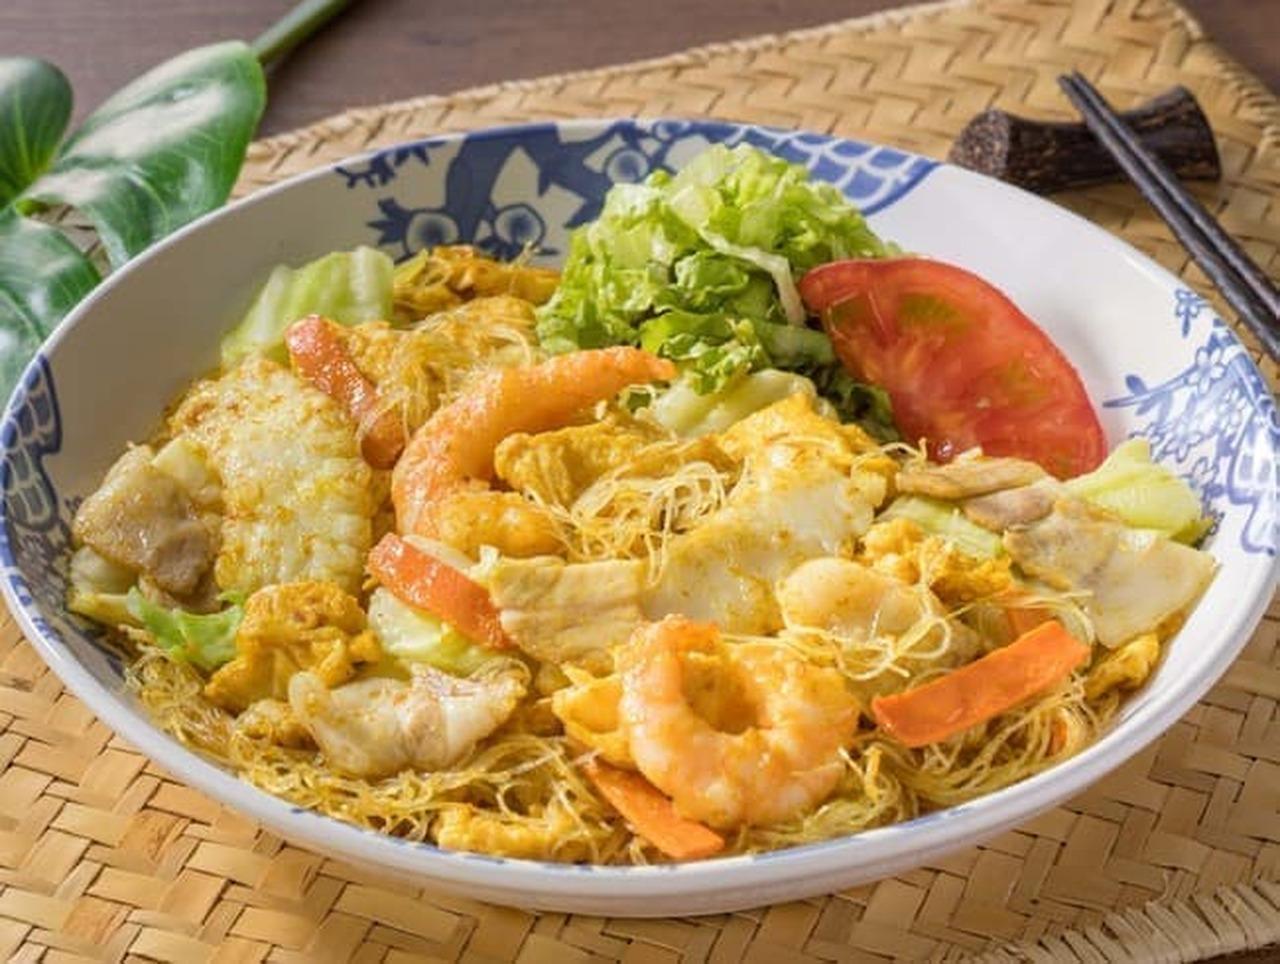 バーミヤン「海鮮台湾カレービーフン」